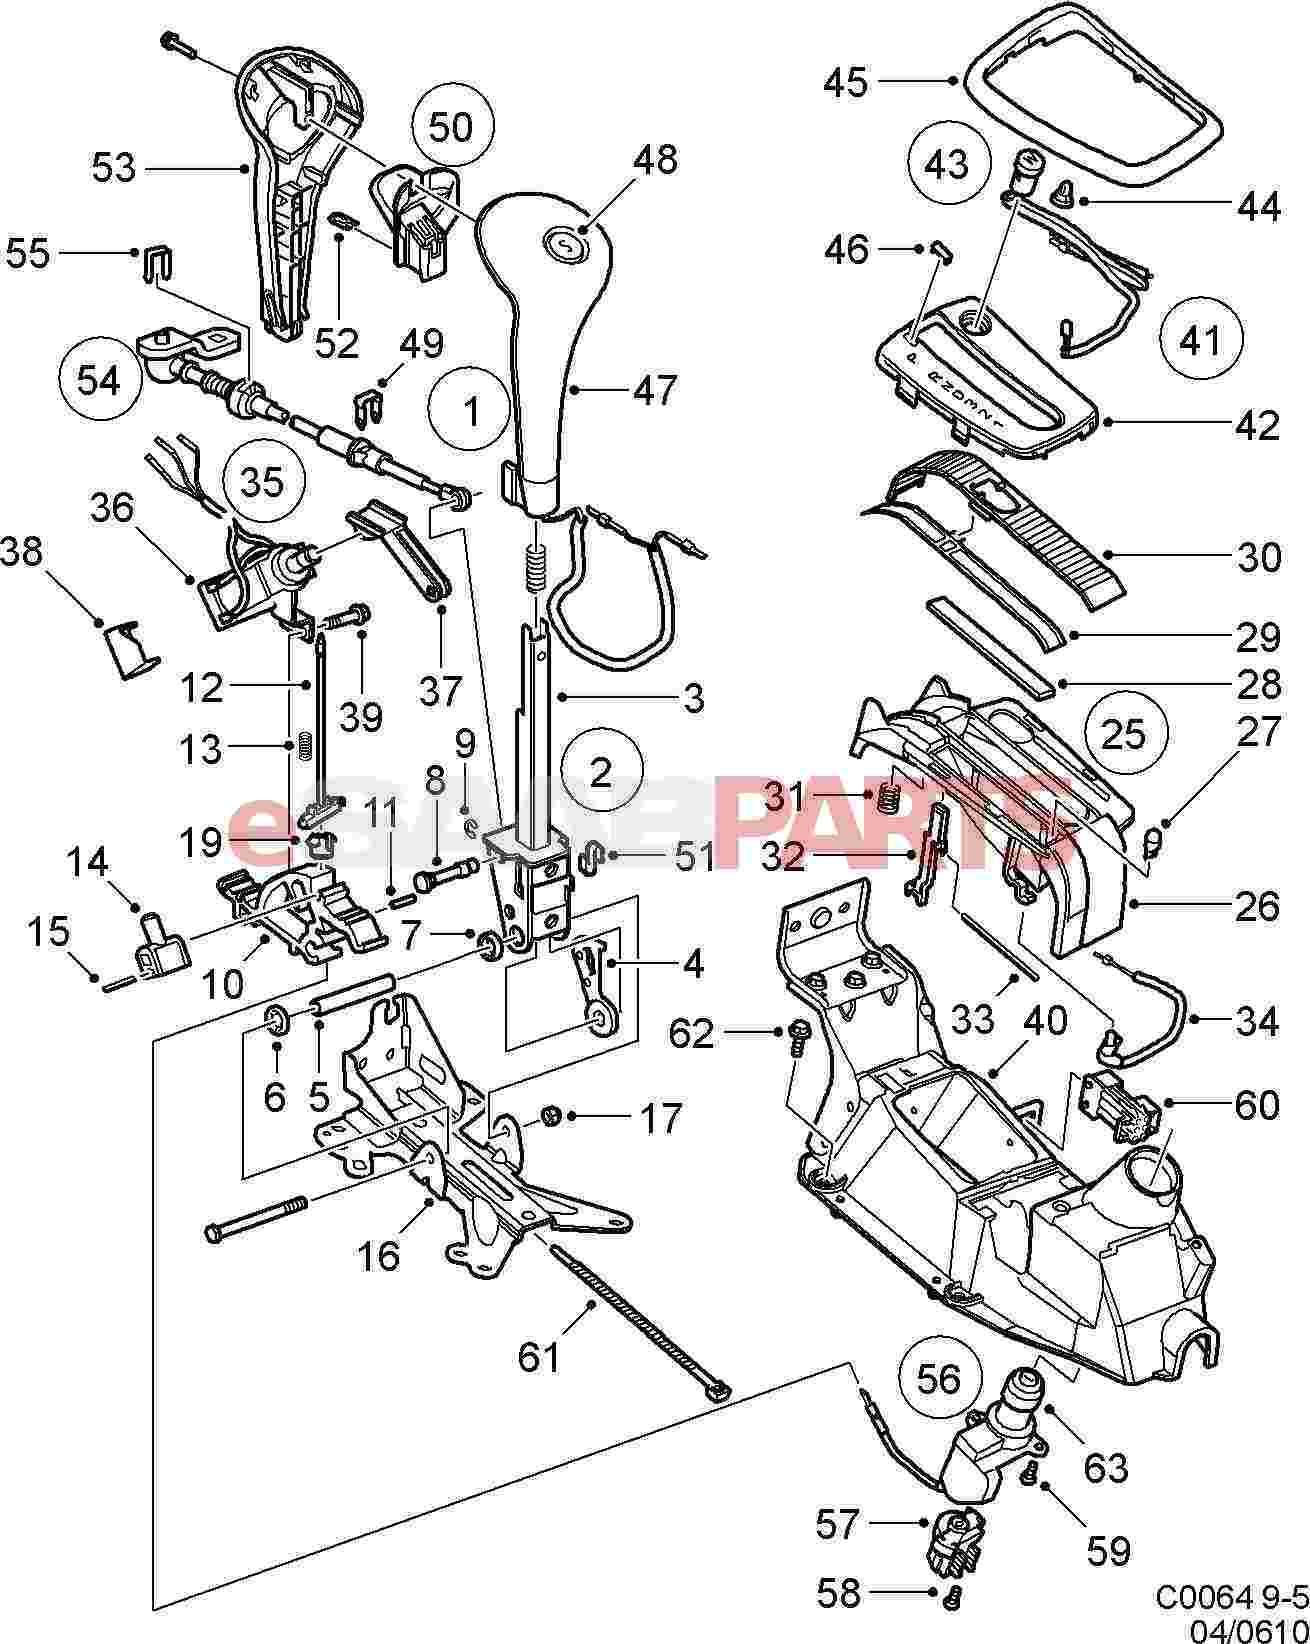 Diagram Renault Clio Gearbox Diagram Full Version Hd